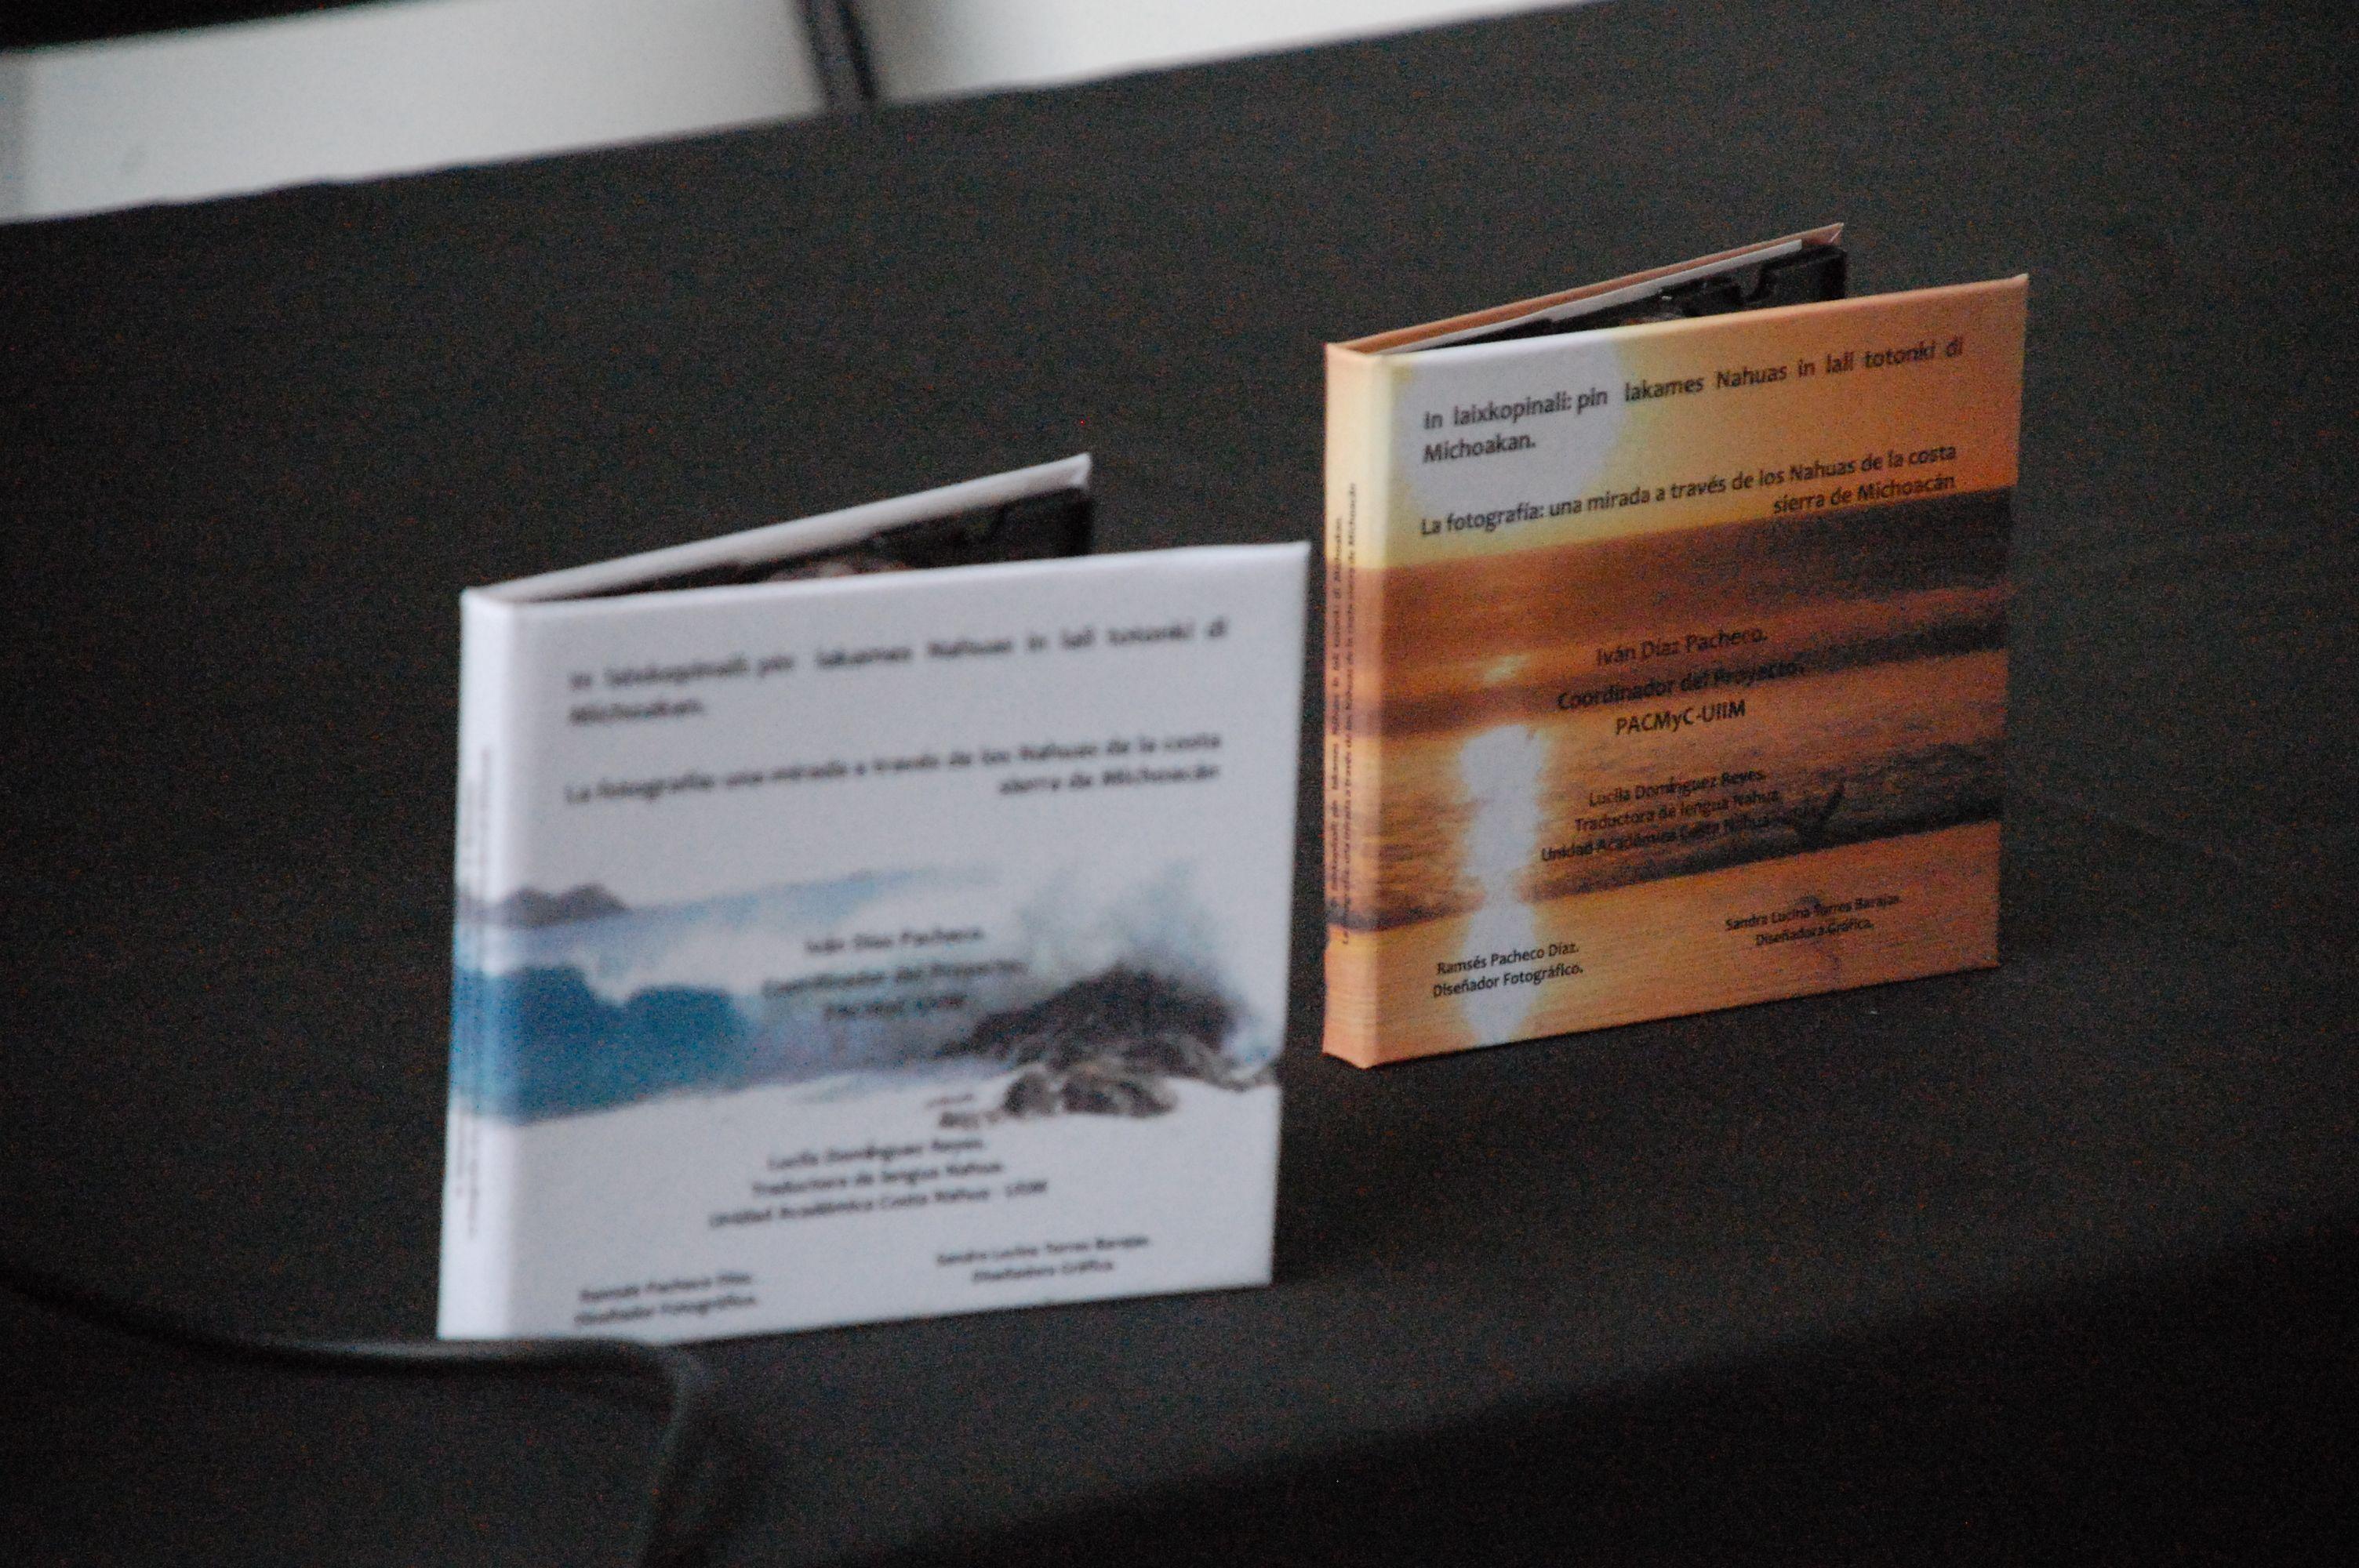 Cultura | Presentan libro digital La fotografía, una mirada a través ...